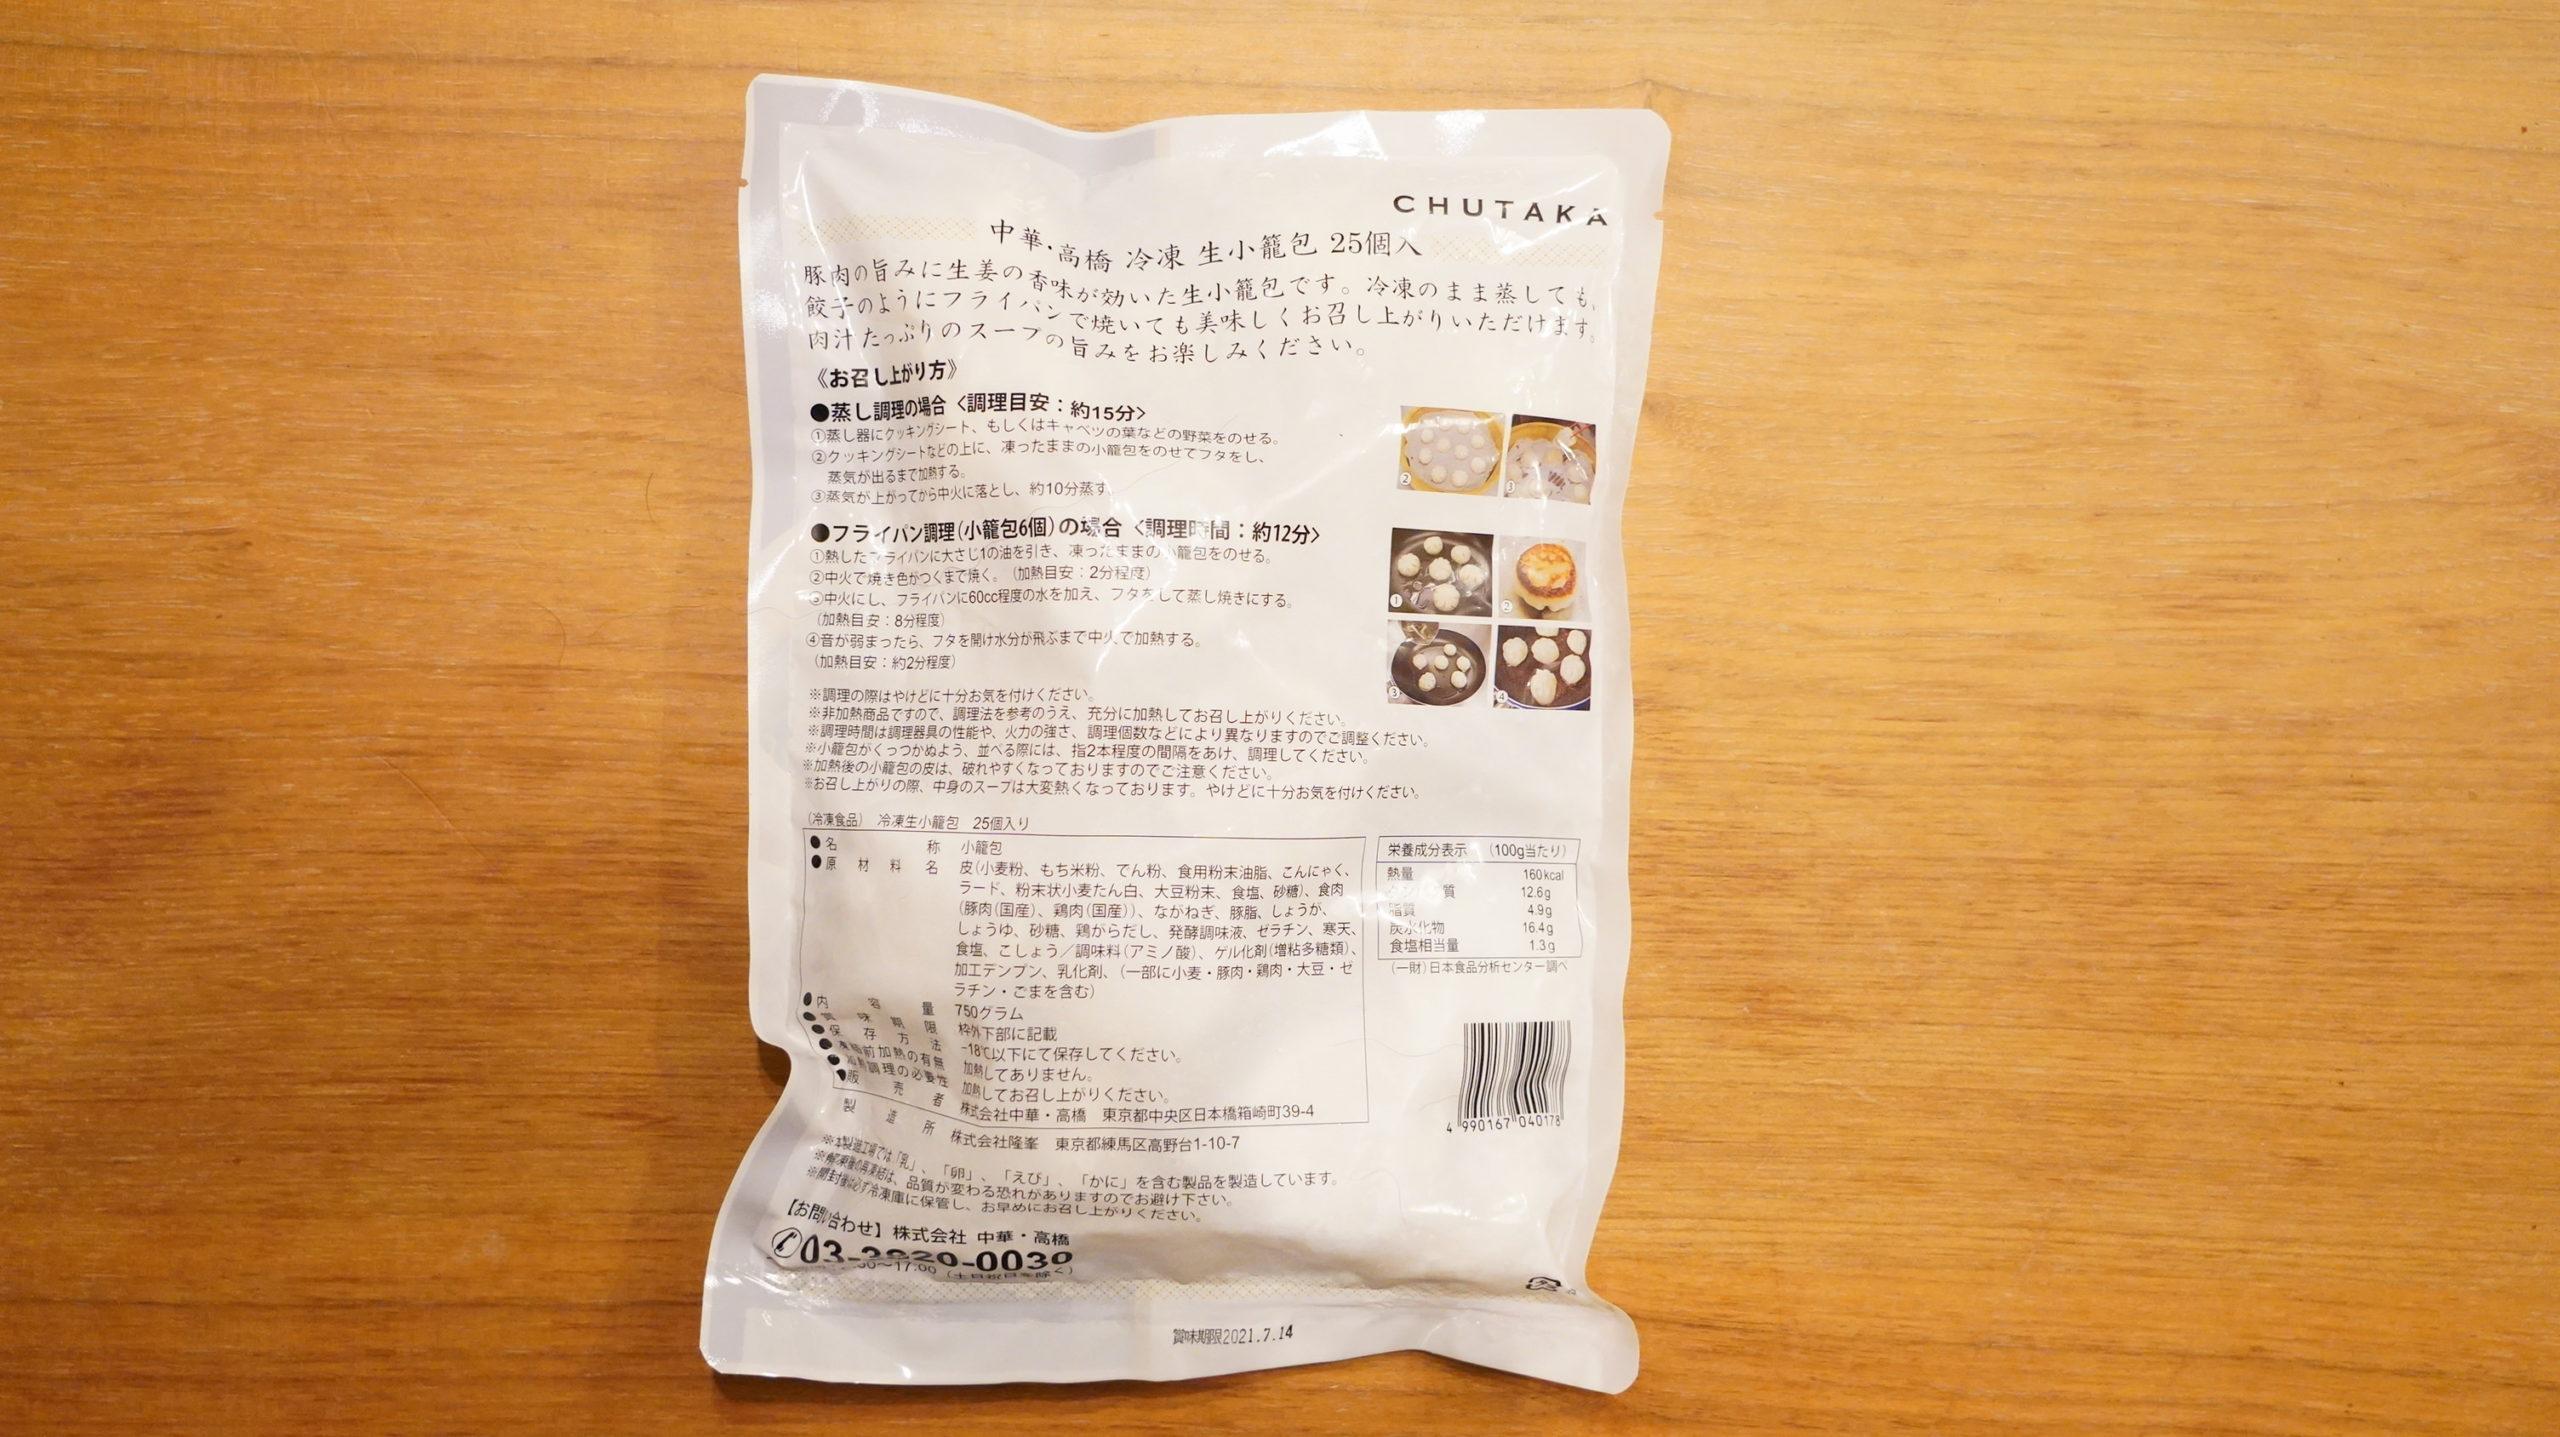 コストコの冷凍食品「冷凍・生・小籠包」のパッケージ裏面の写真